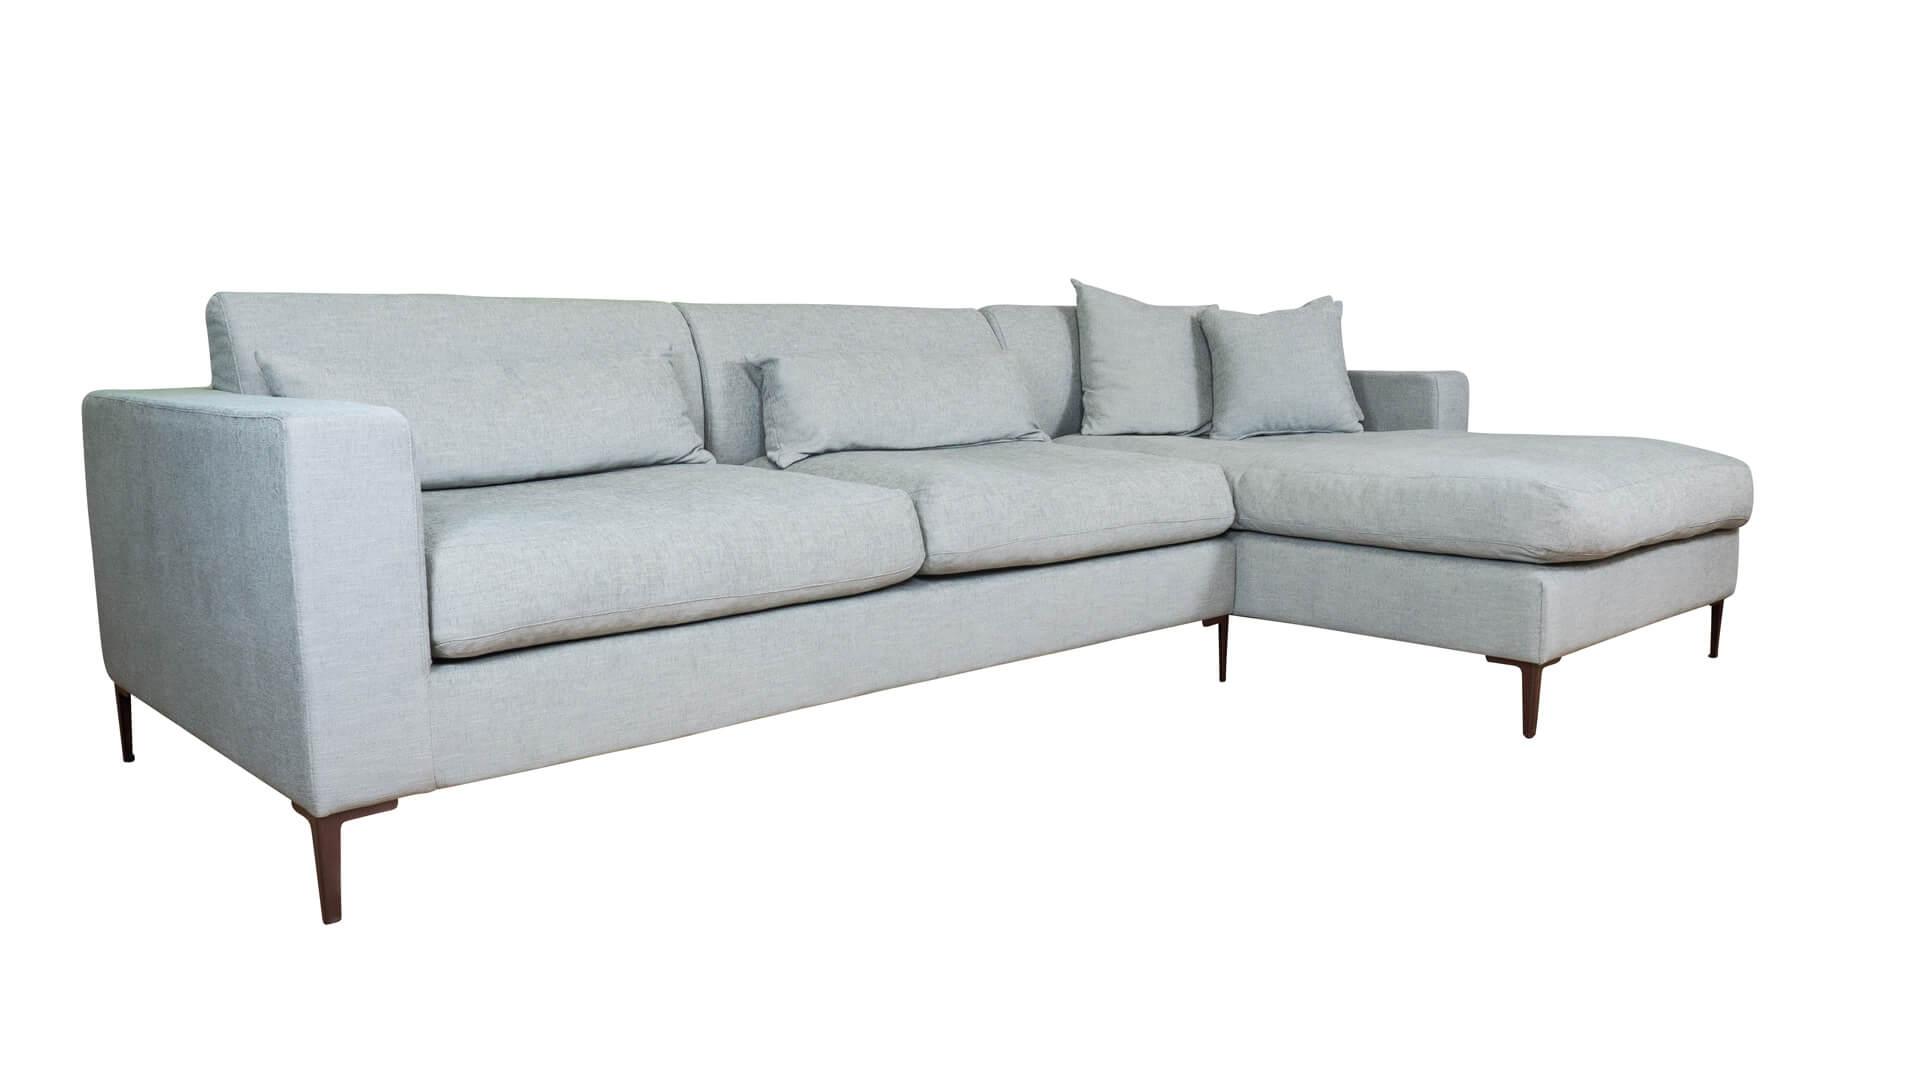 Unglaublich Sofa Mit Recamiere Galerie Von Ecksofa-mit-recamiere